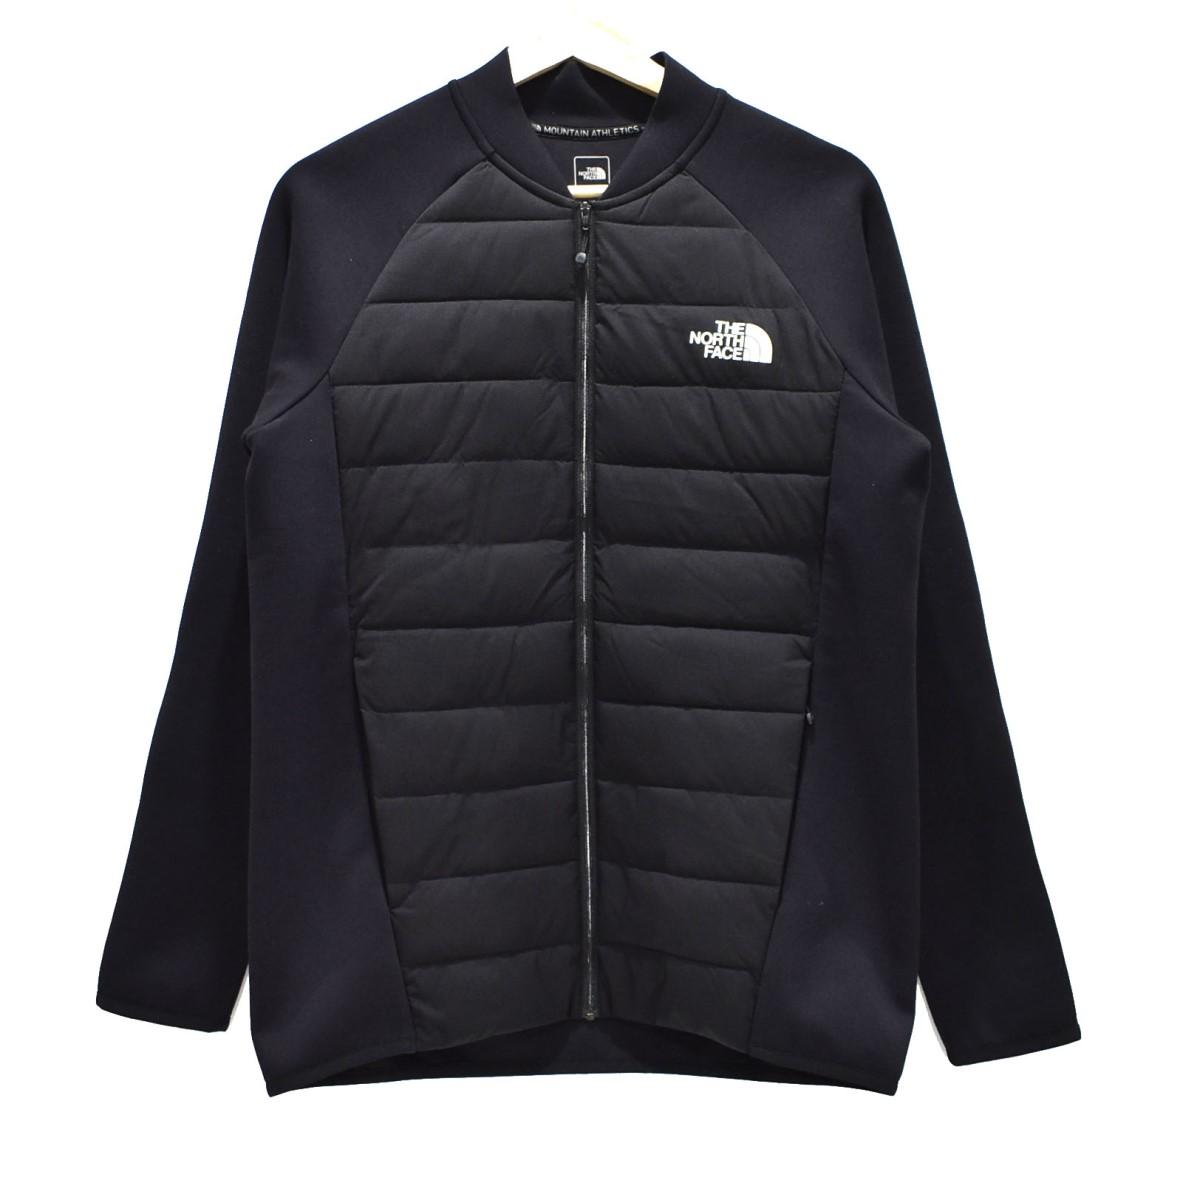 【中古】THE NORTH FACE Hybrid Tech Air Insulated Jacket 中綿ジャケット ブラック サイズ:M 【060620】(ザノースフェイス)